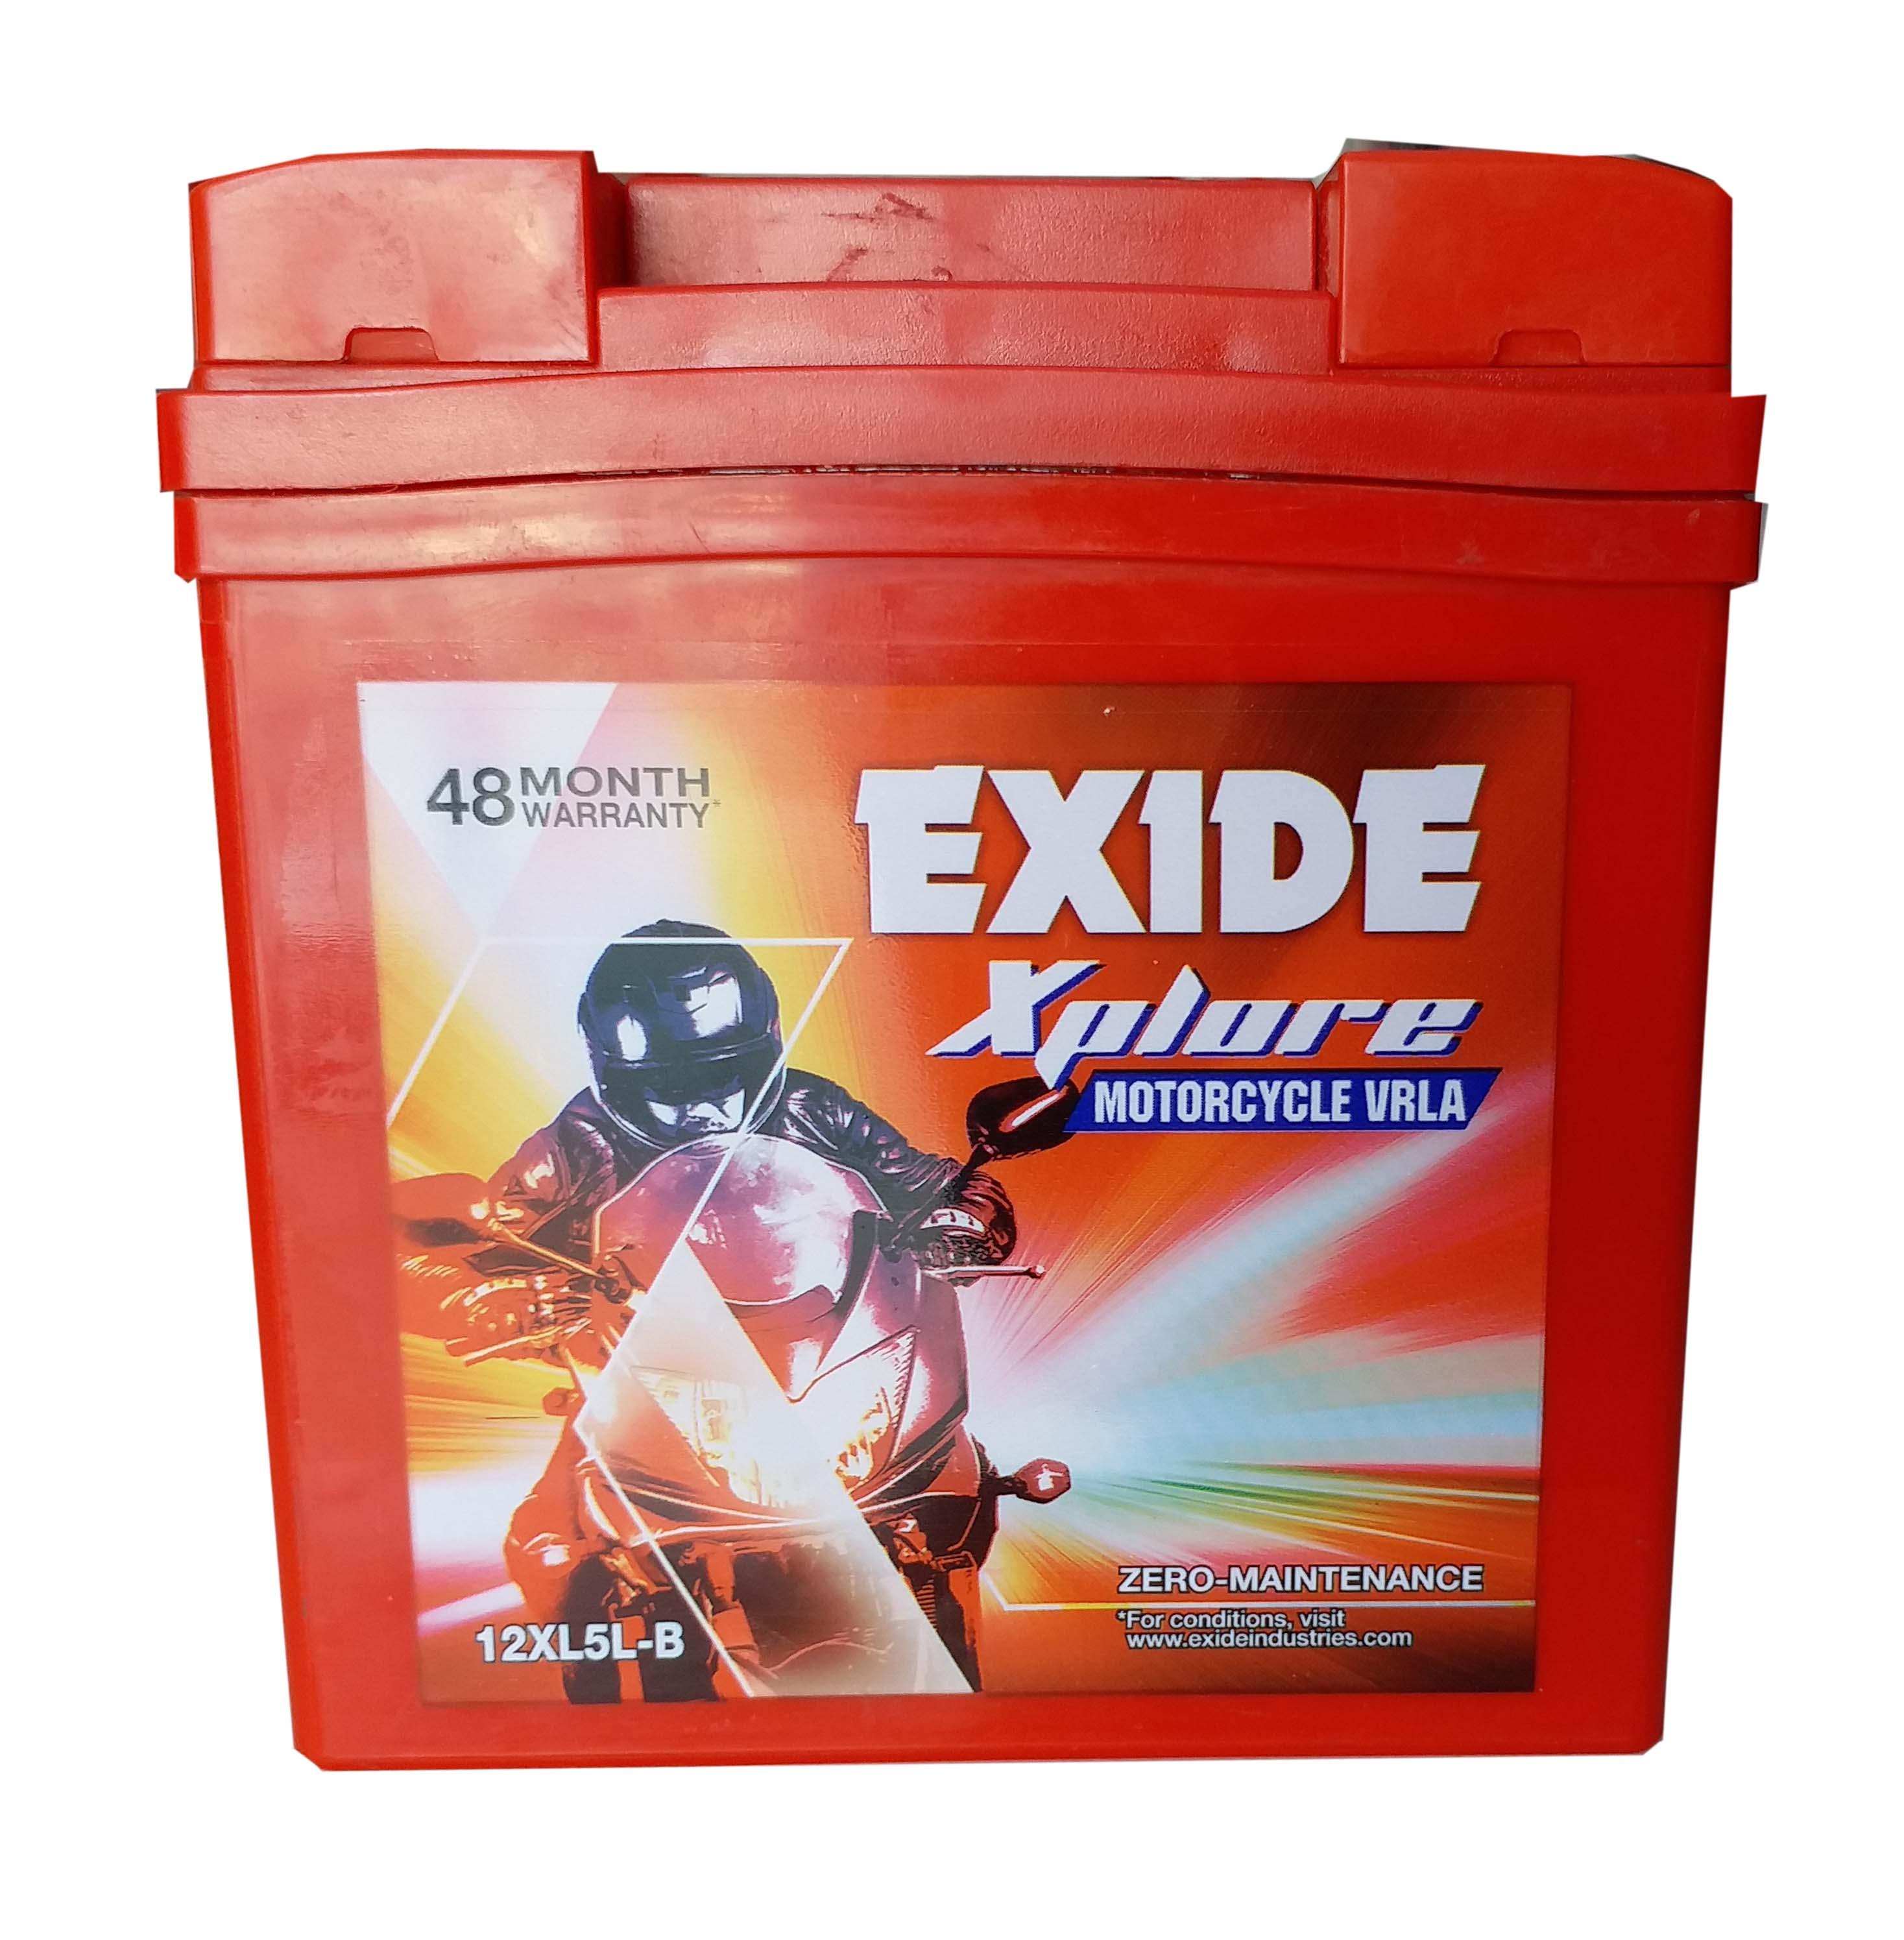 Exide buy xplore sealed battery for activa old model BATTERY 12xl5lb